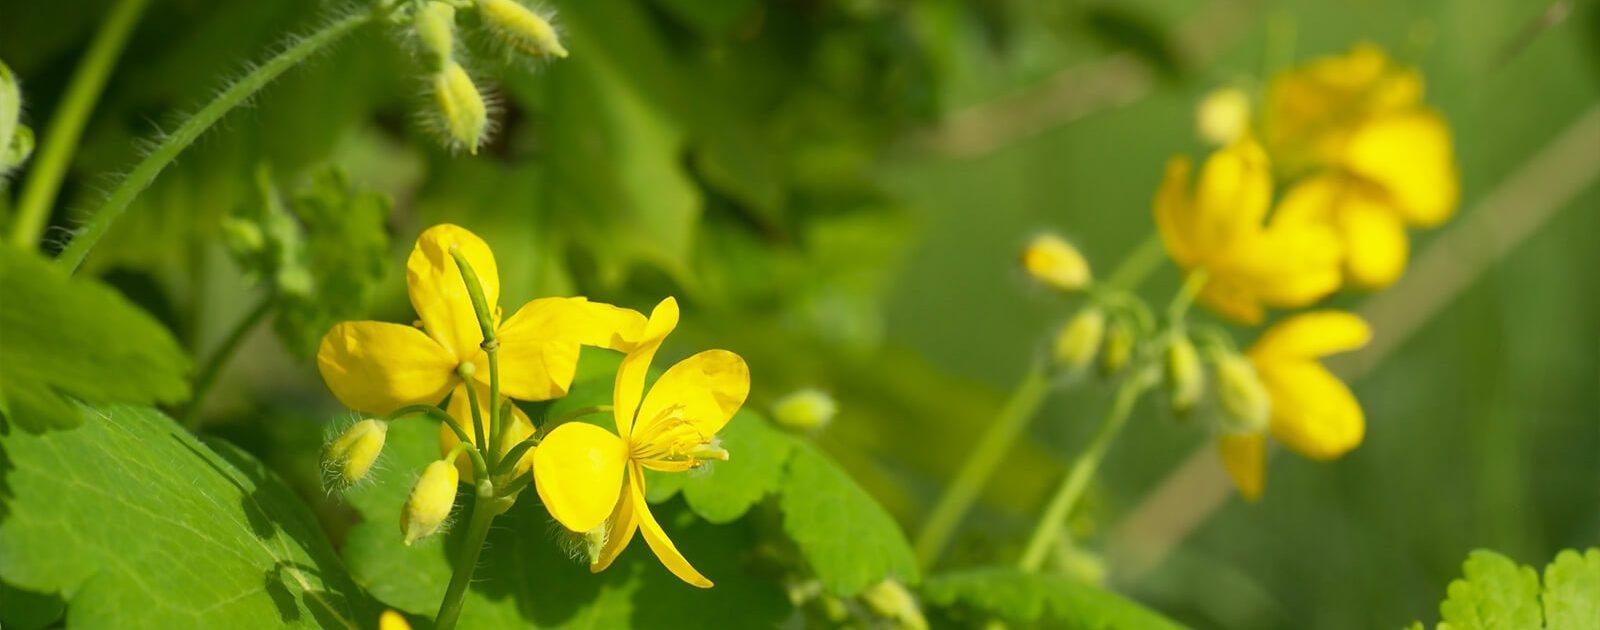 Schöllkraut zeichnet sich durch vierblättrige, gelbe Blüten aus – und wird bei Krämpfen im Magen-Darm-Trakt oder im Bereich der Gallenwege angewandt.